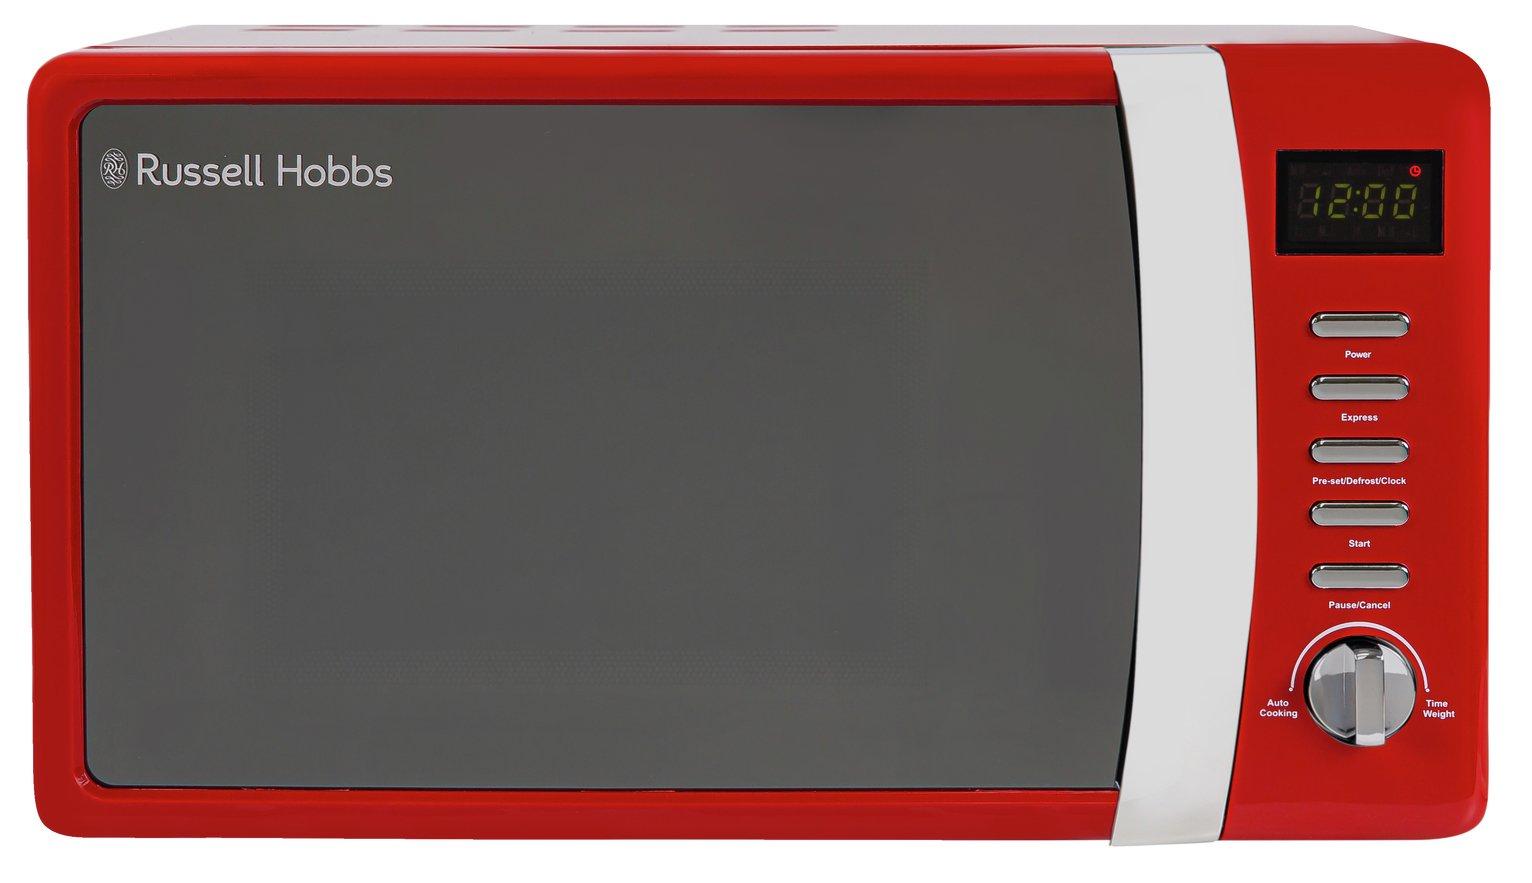 Russell Hobbs 700W Standard Microwave RHMD712 - Red